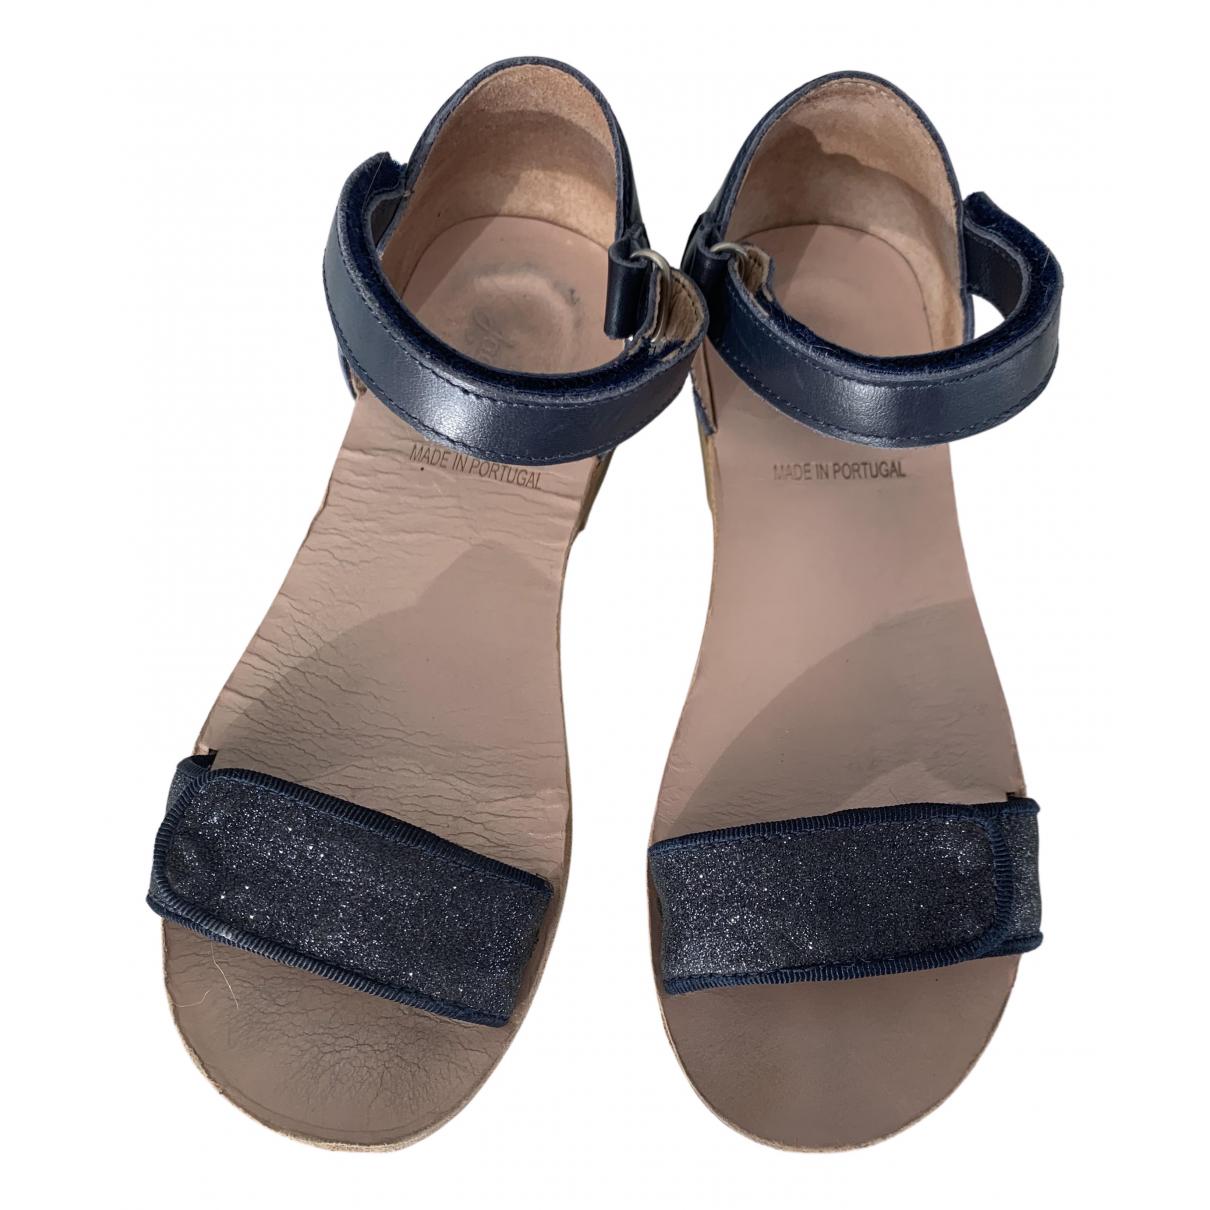 Jacadi \N Ballerinas in  Marine Leder